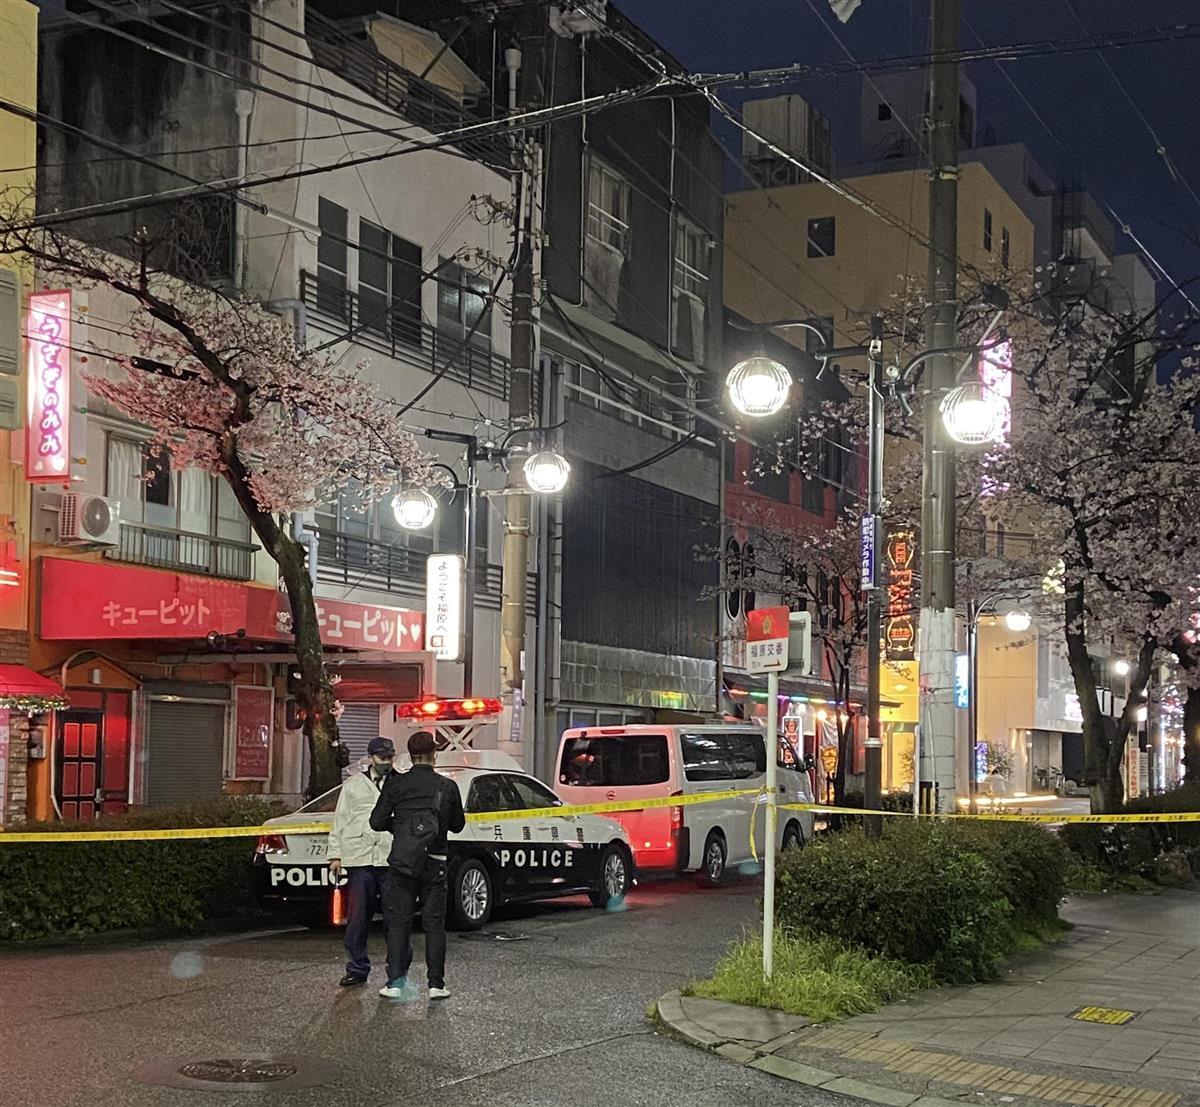 大きな音が4回」神戸で発砲事件か 建物に複数の痕 - 産経ニュース